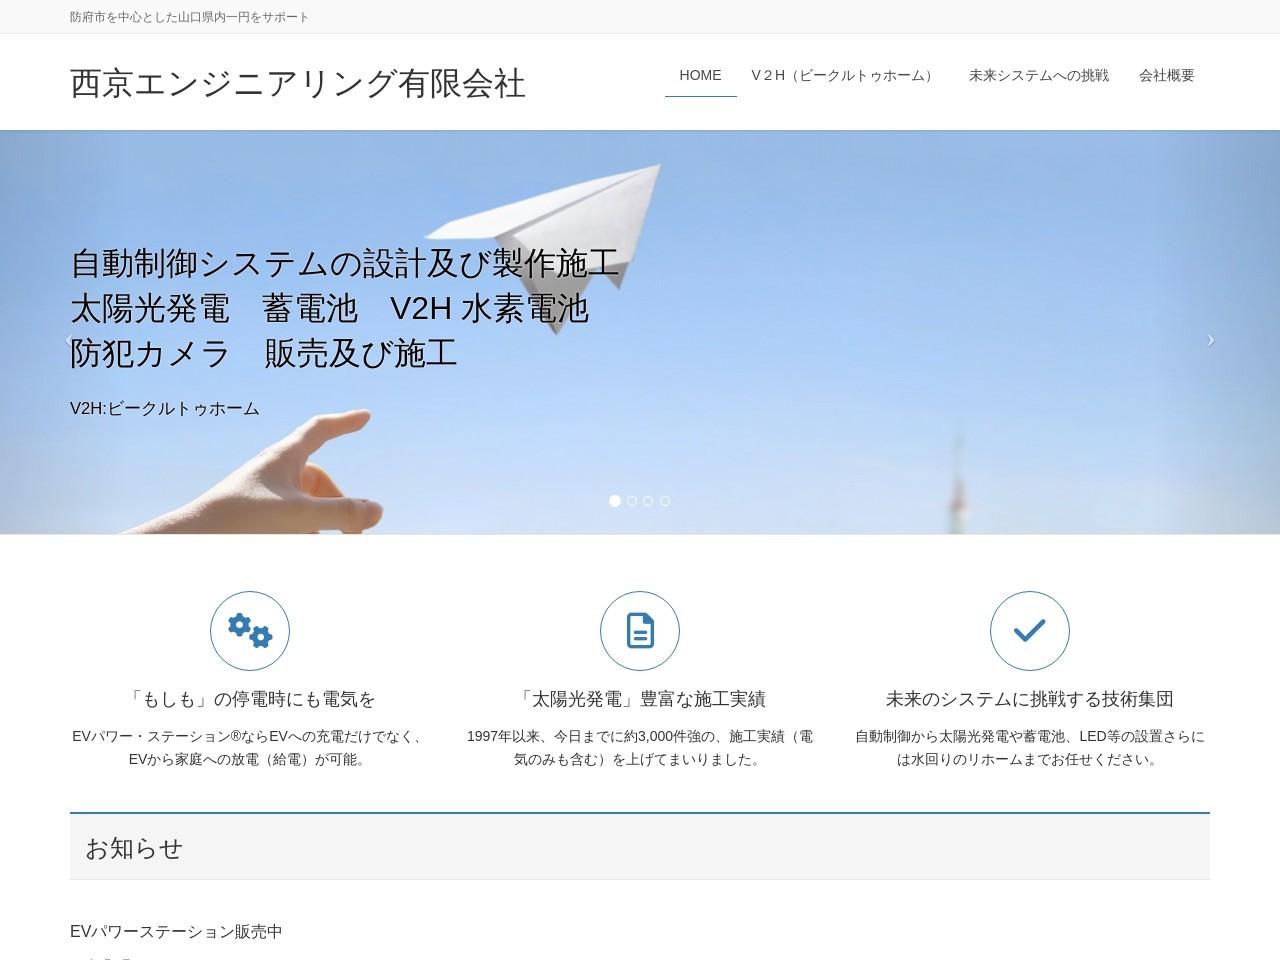 西京エンジニアリング有限会社